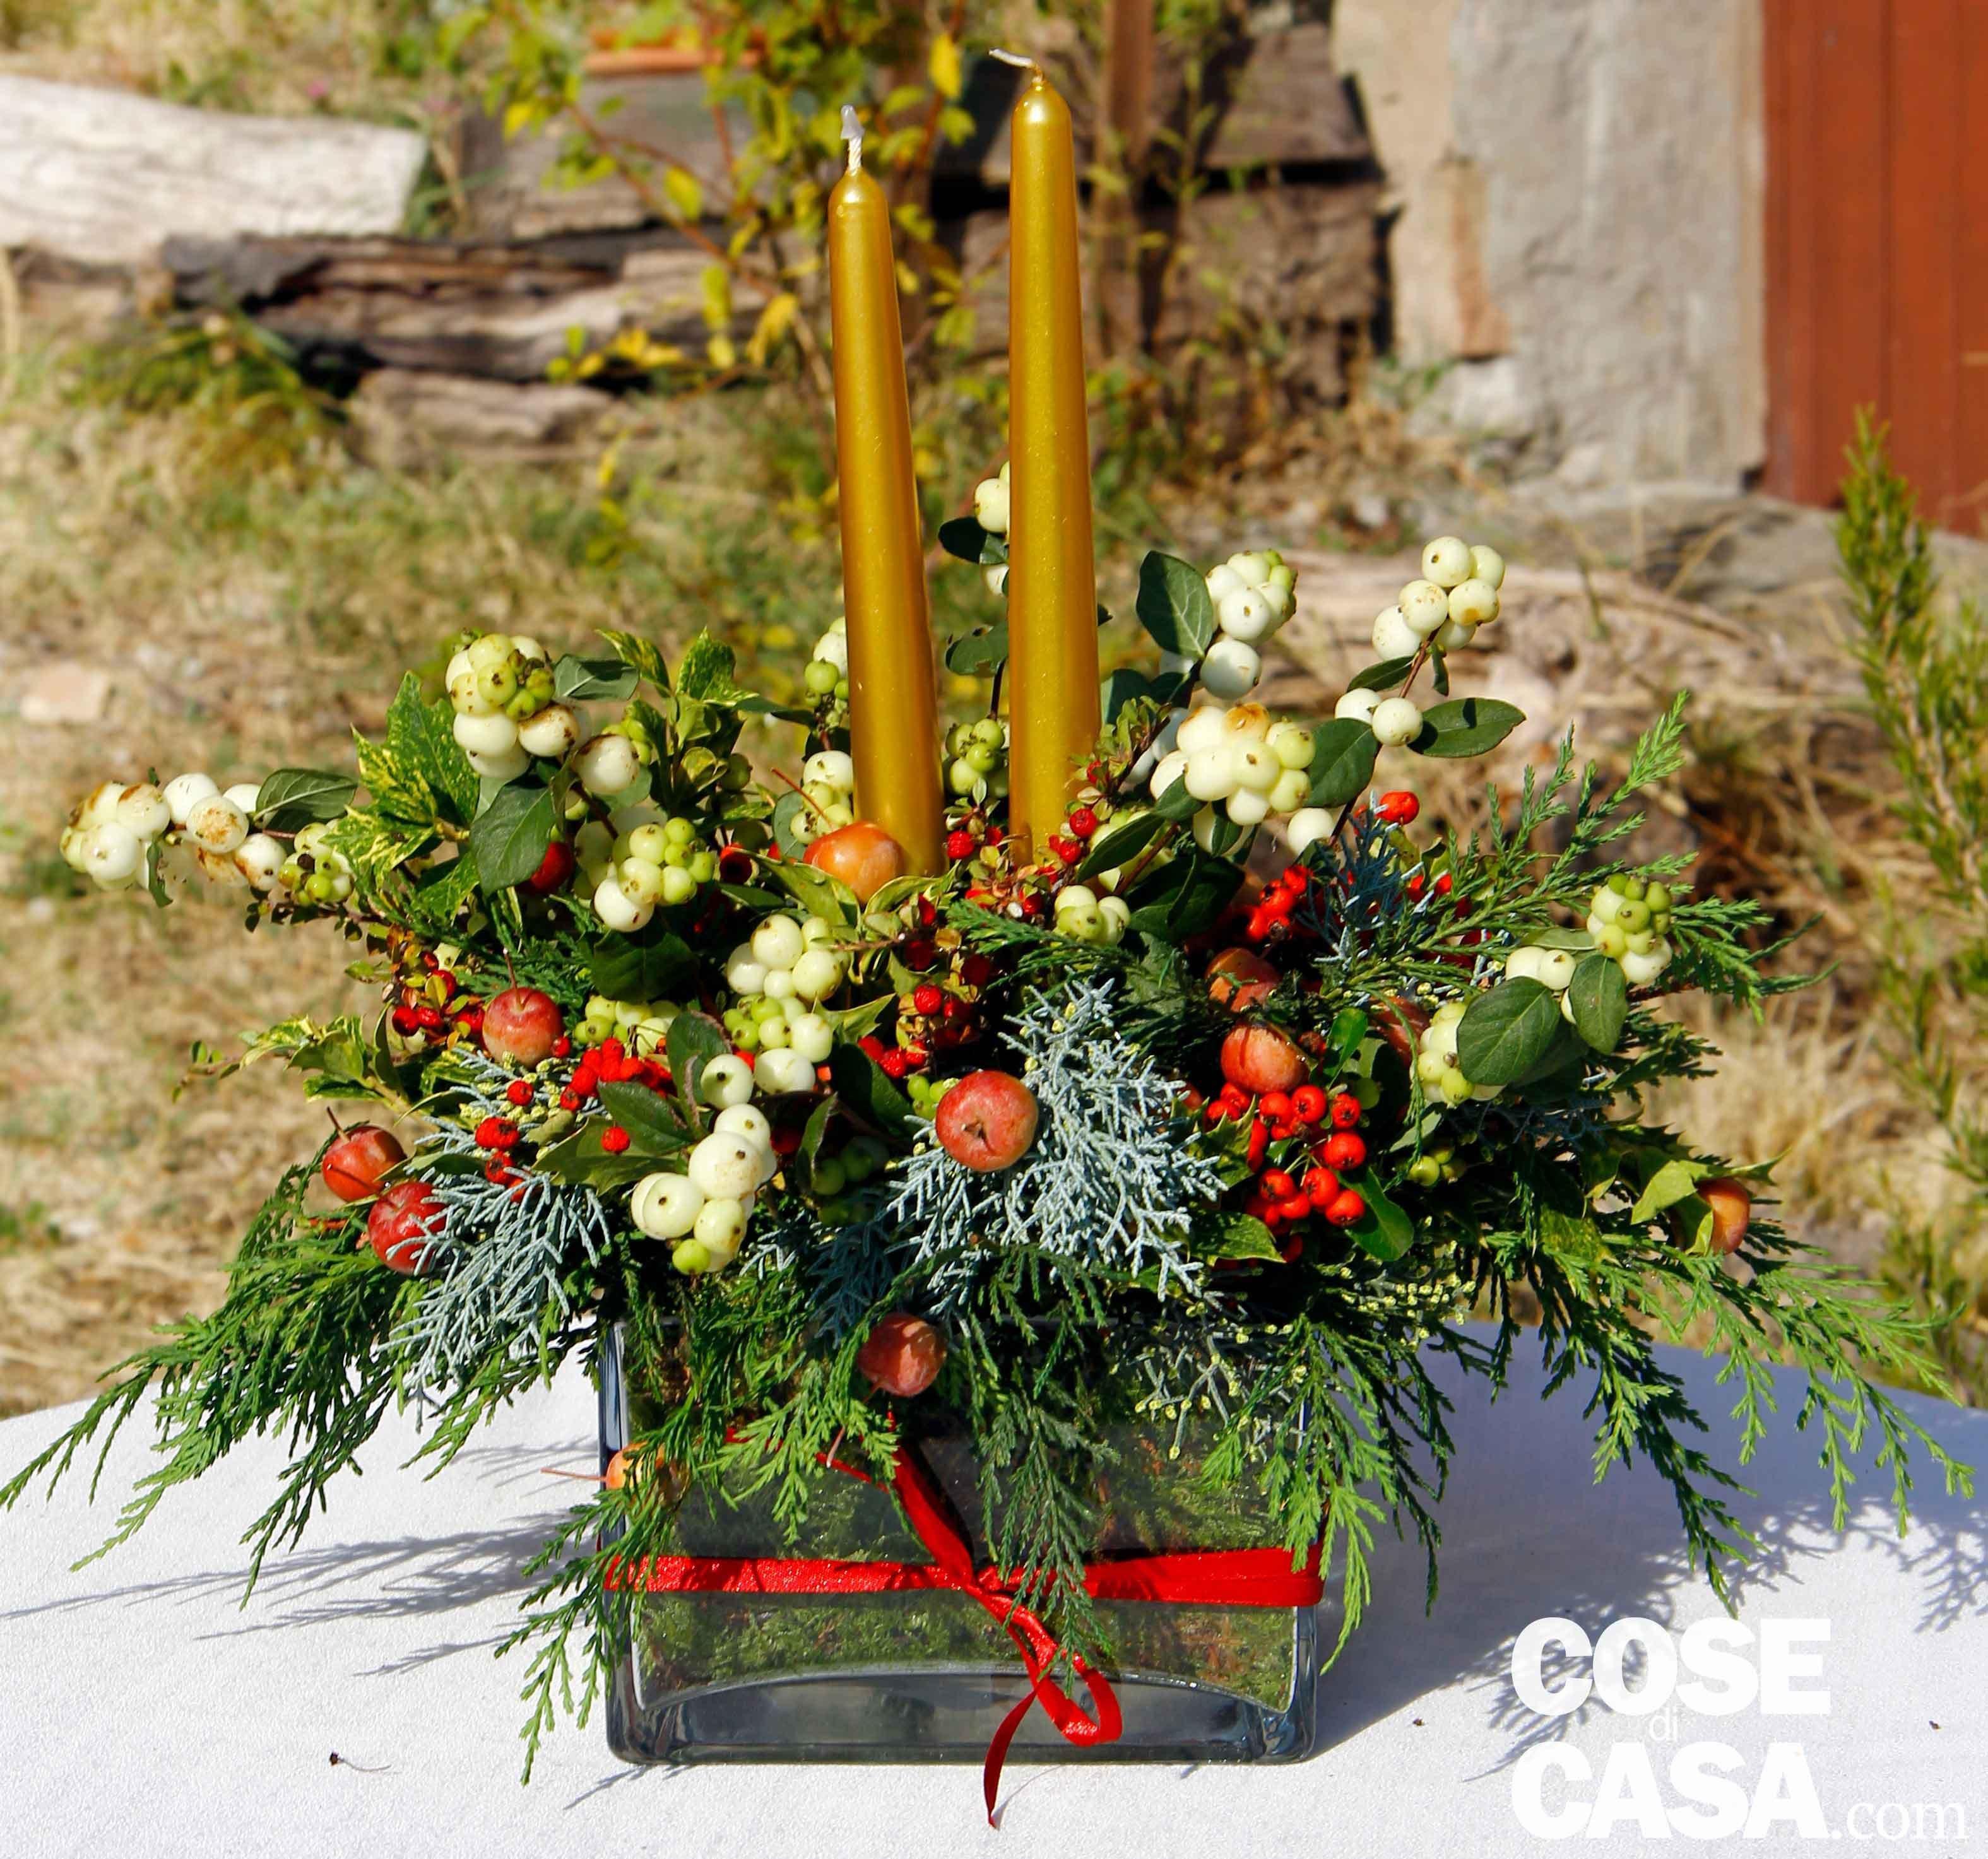 Natale Frutta Secca Addobbi Ecologia Albero Di Natale Ambiente  #C0180B 3150 2946 Come Addobbare Una Sala Da Pranzo Per Natale